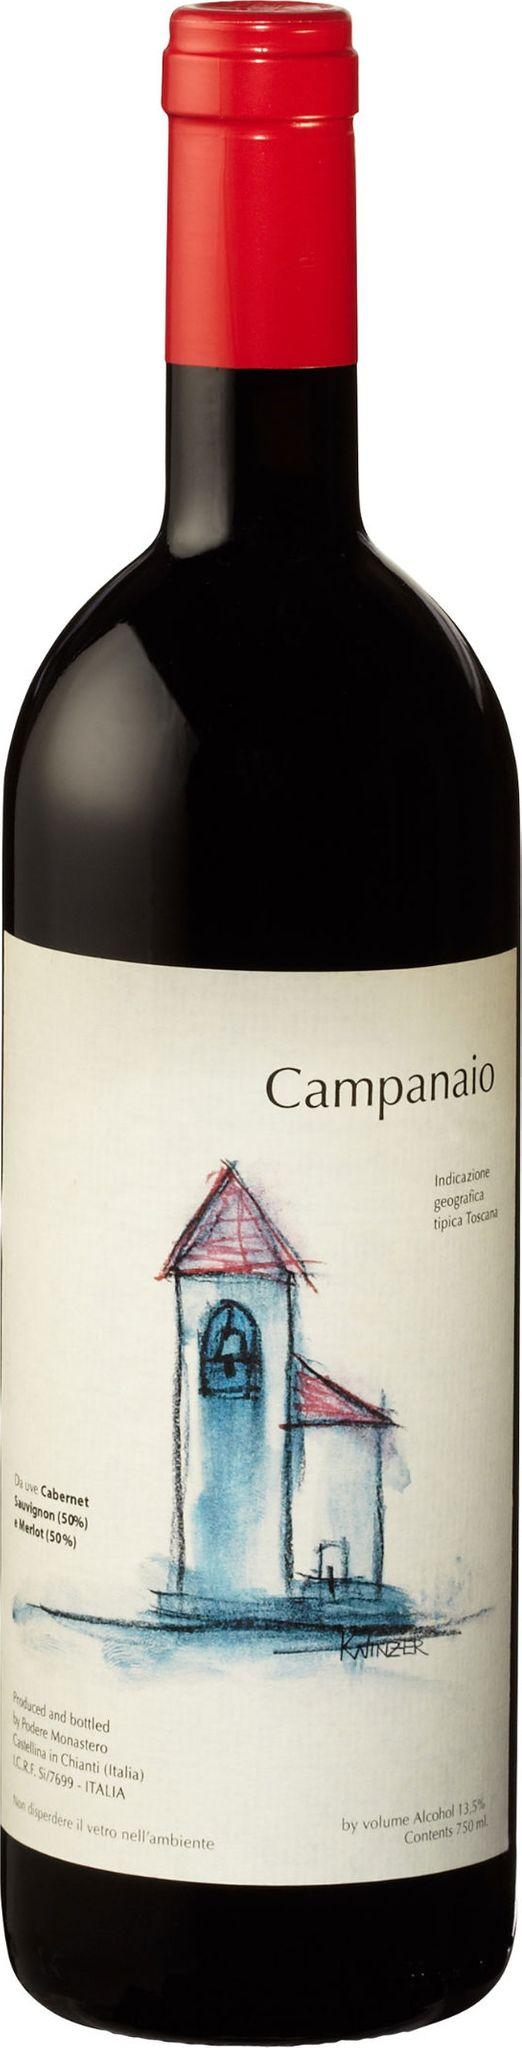 Produktbild på Campanaio